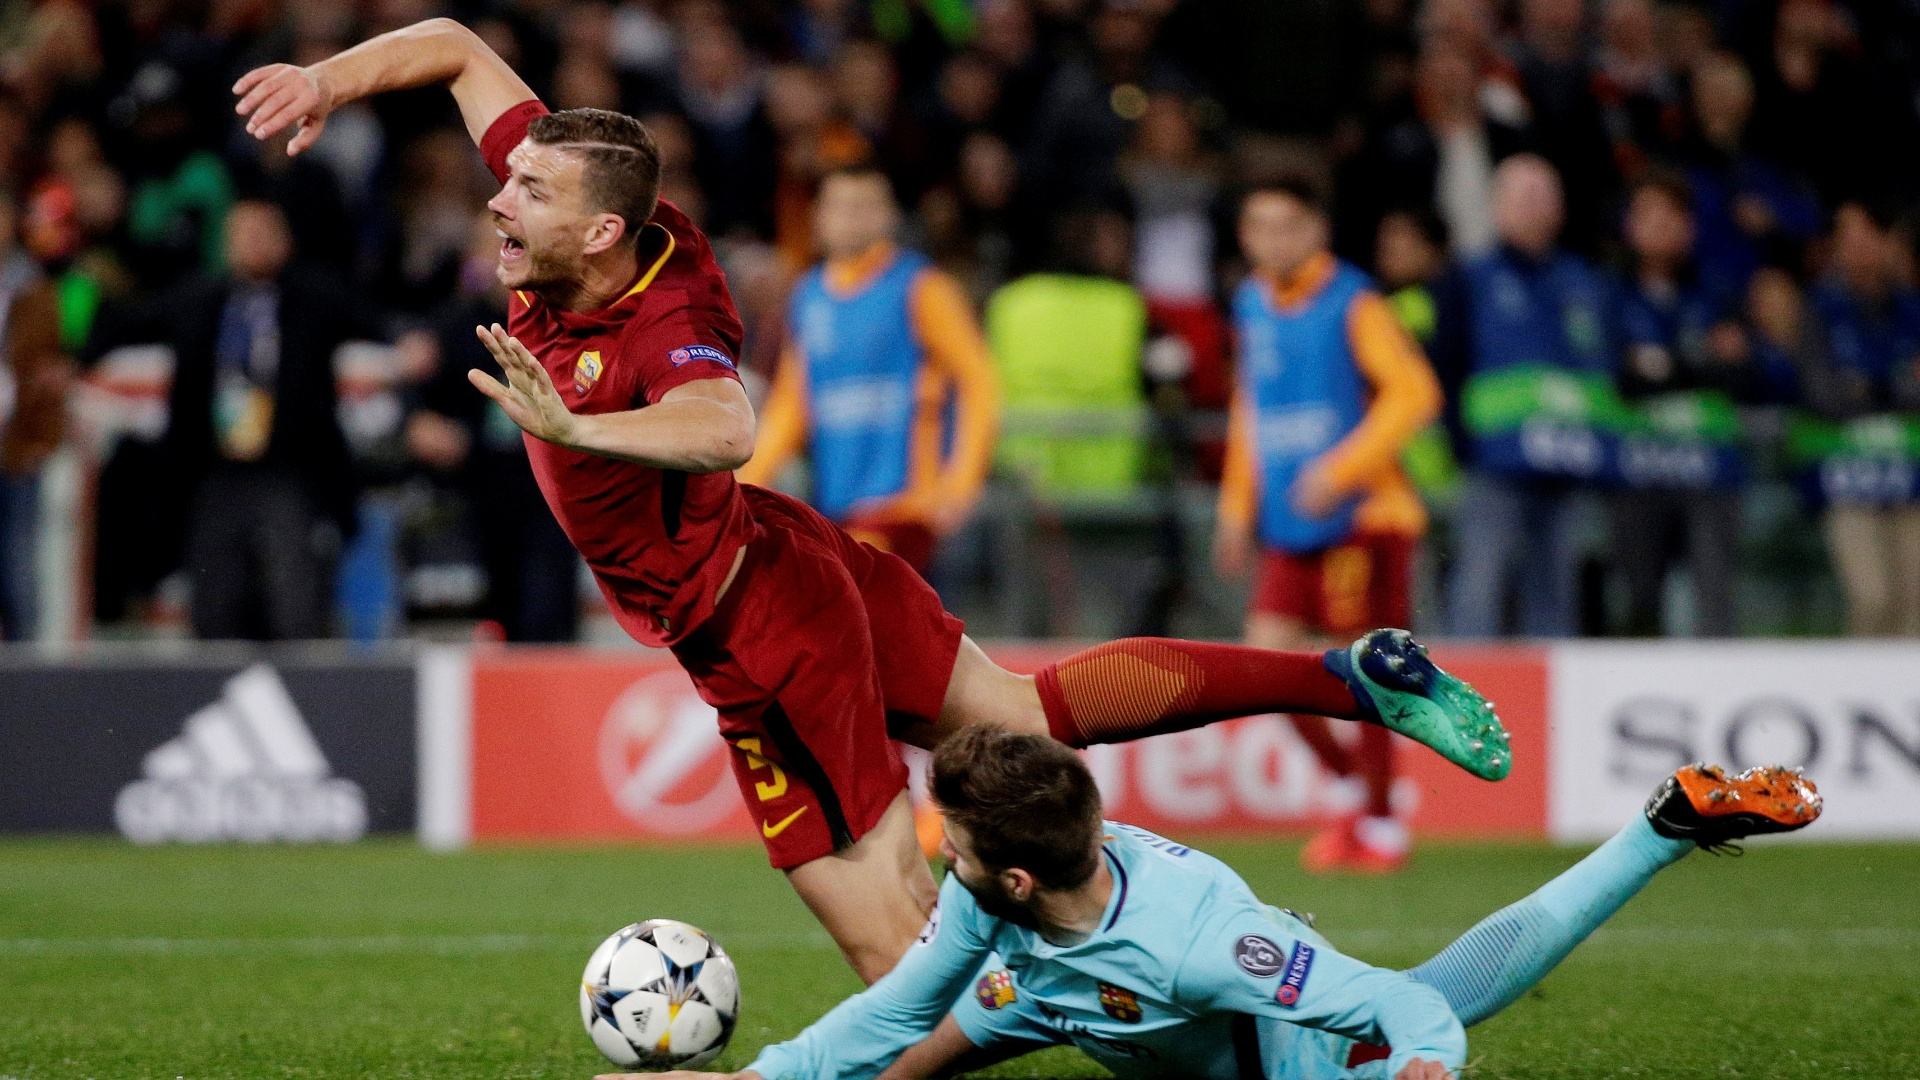 Piqué derruba Dzeko na área em lance do jogo entre Roma e Barcelona